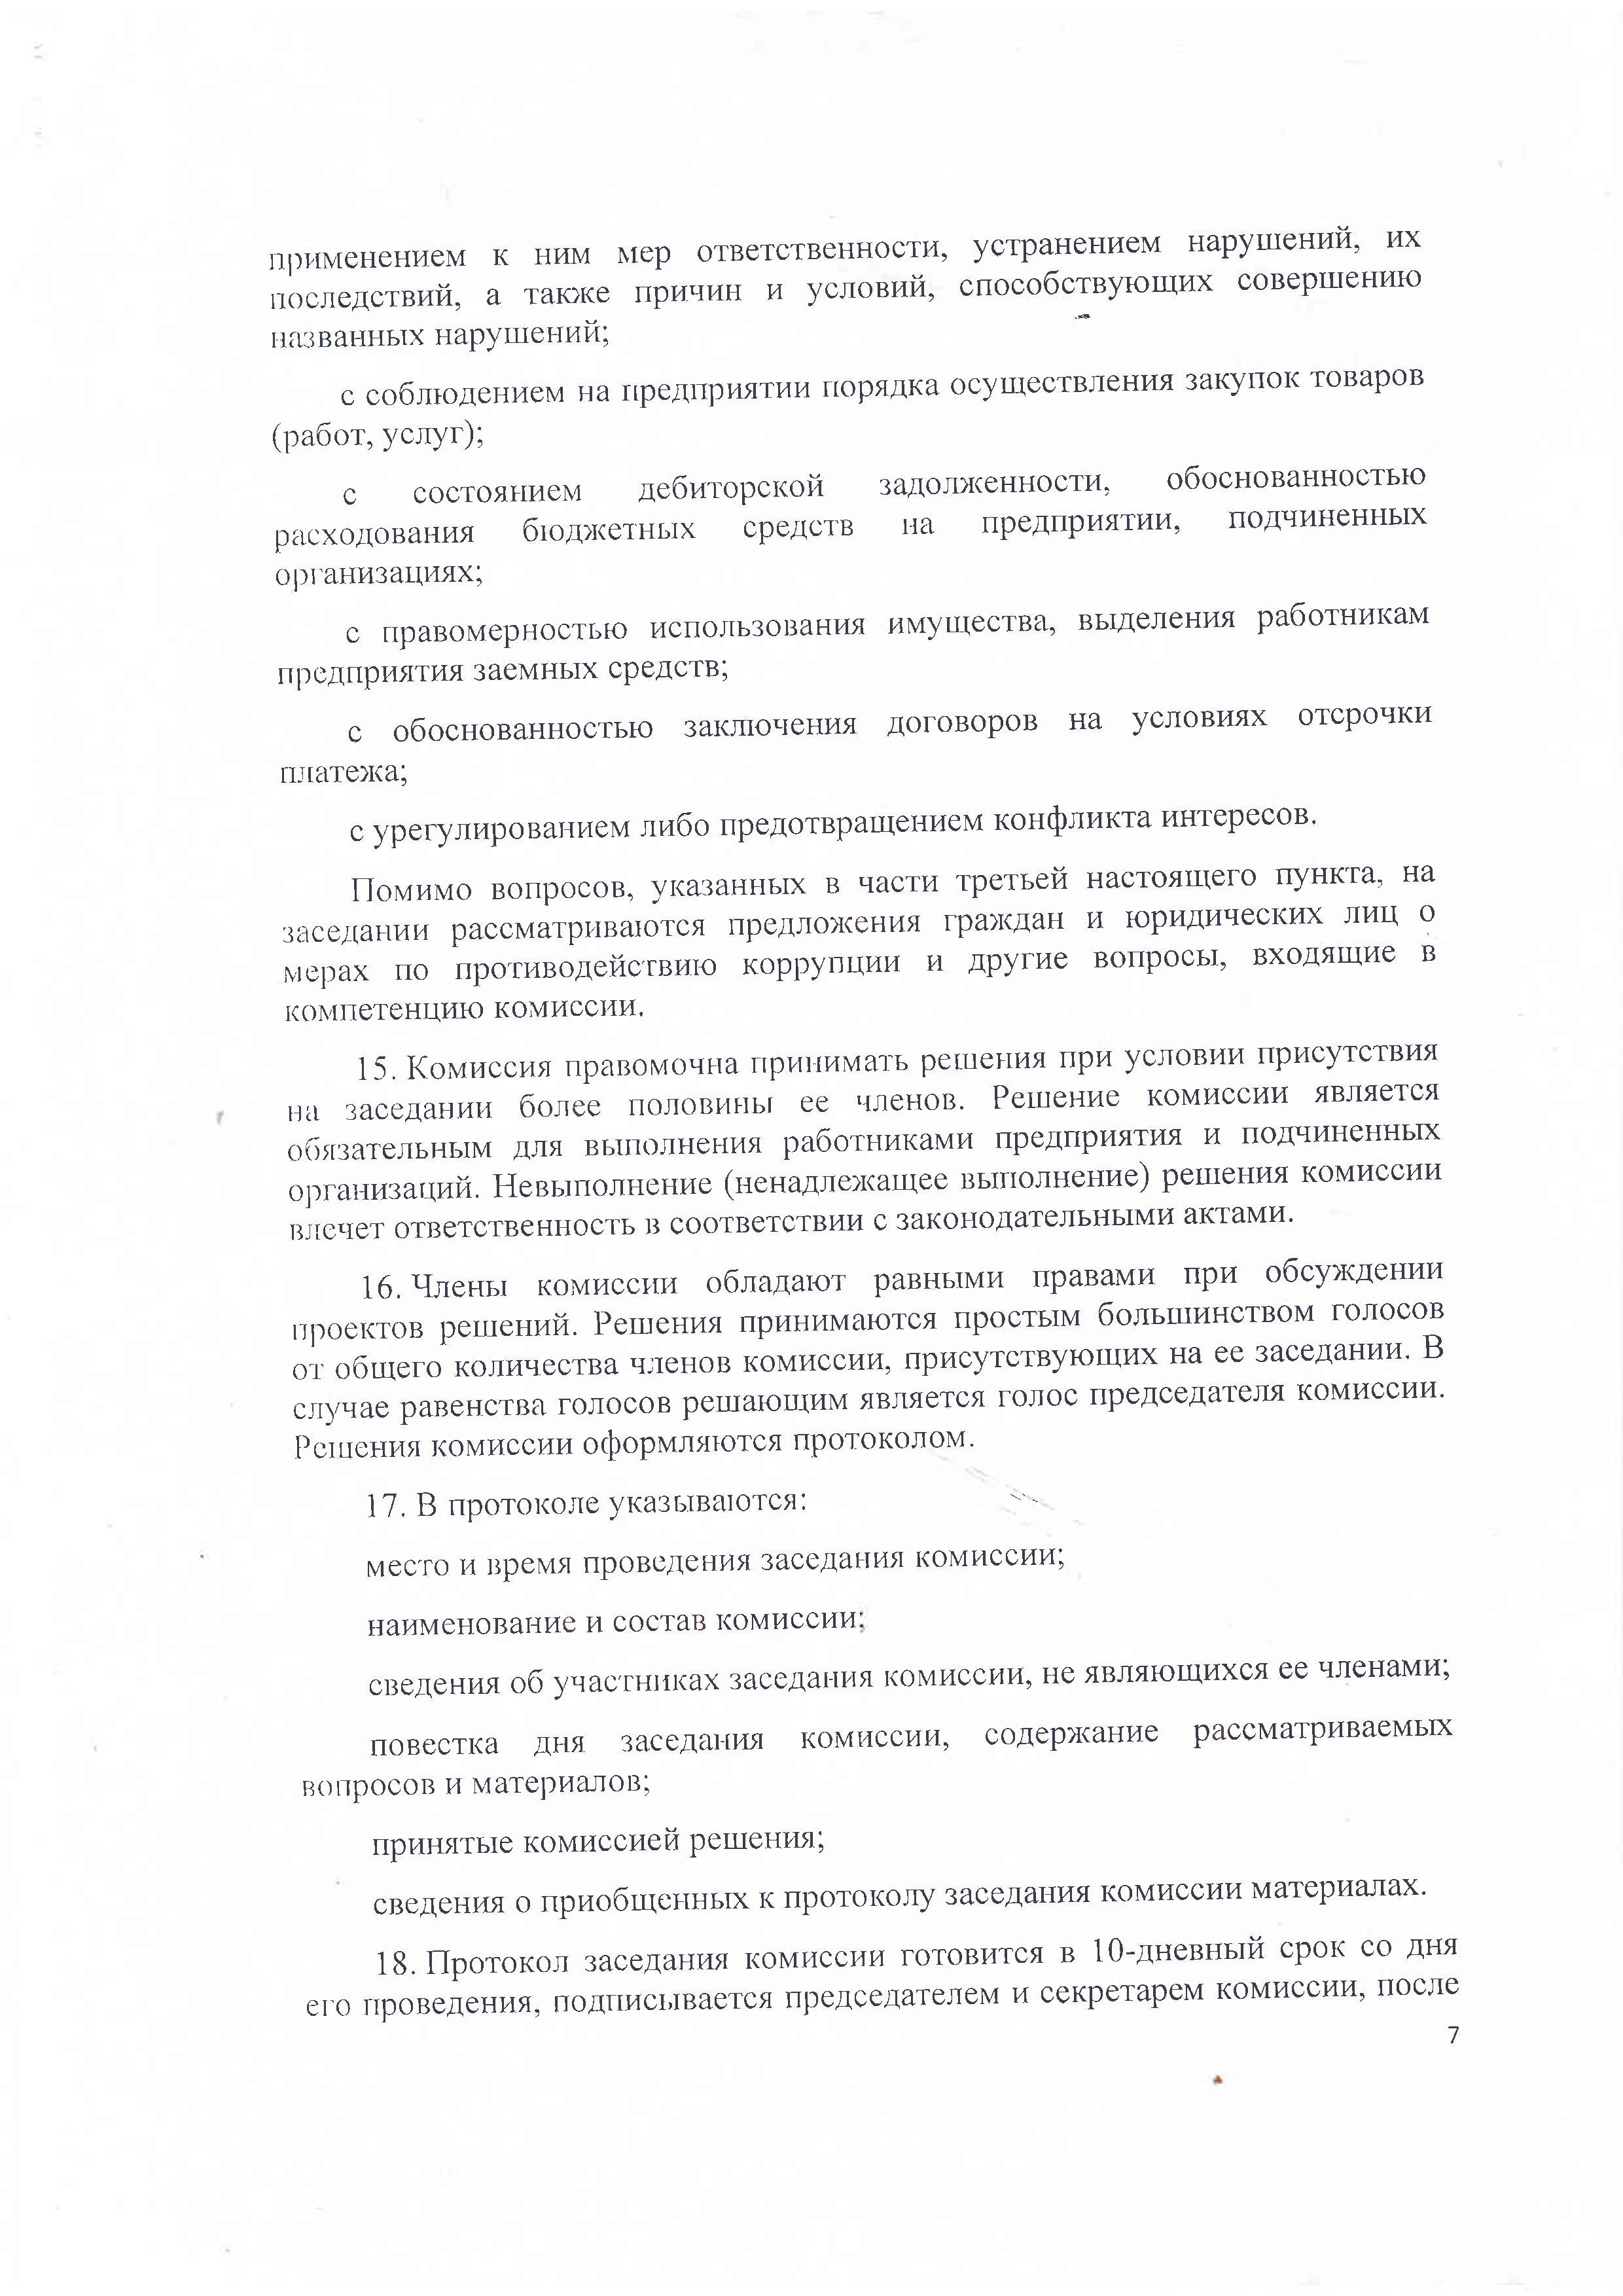 Положение о комиссии по противодействию коррупции. 7 стр.